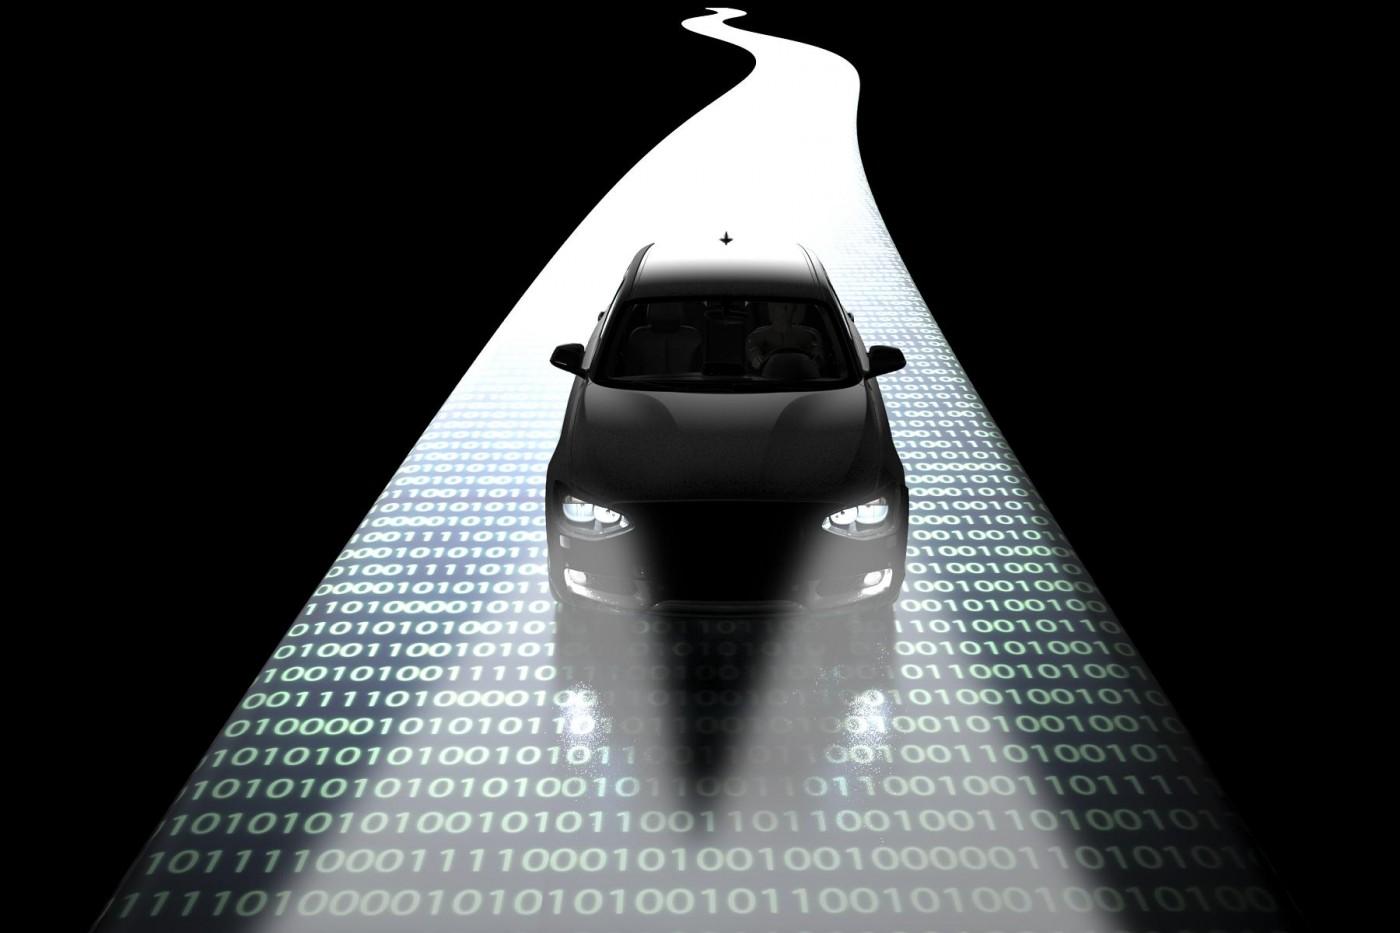 無人車就像安全氣囊,在邁向普及的道路上仍有難題待突破